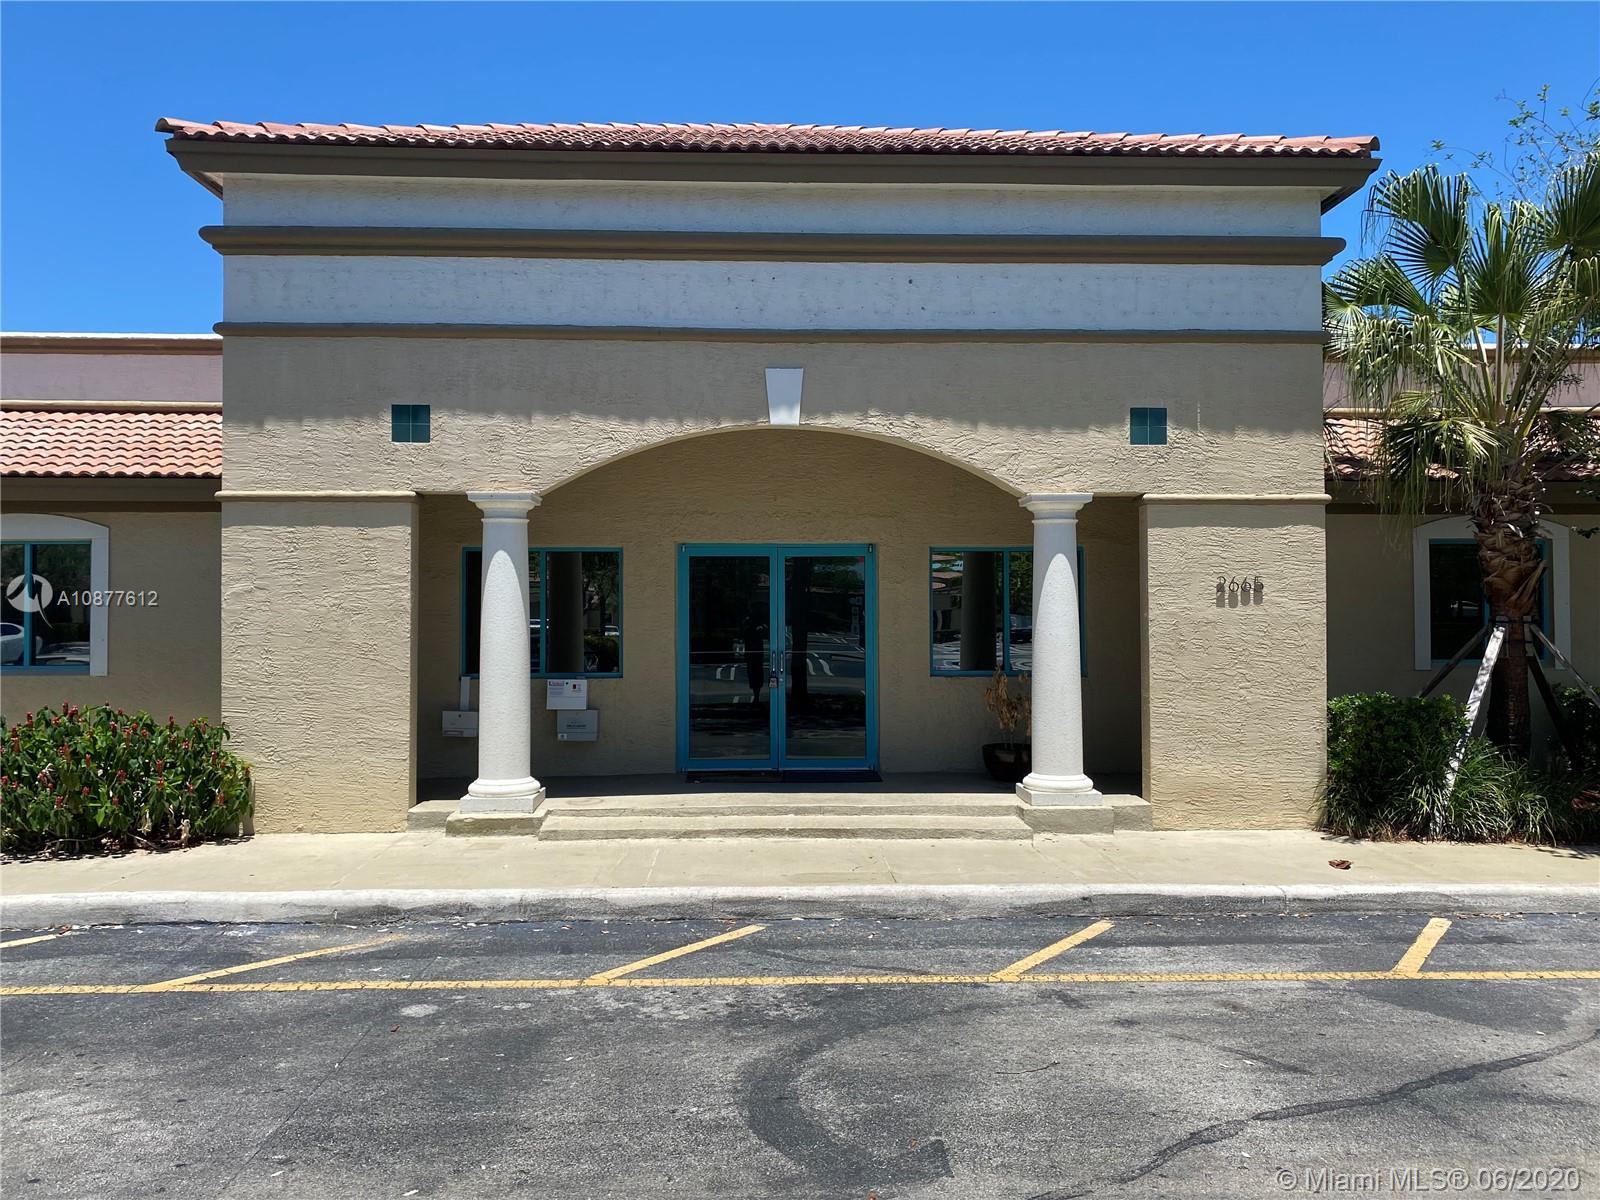 2665  Executive Park Dr  For Sale A10877612, FL